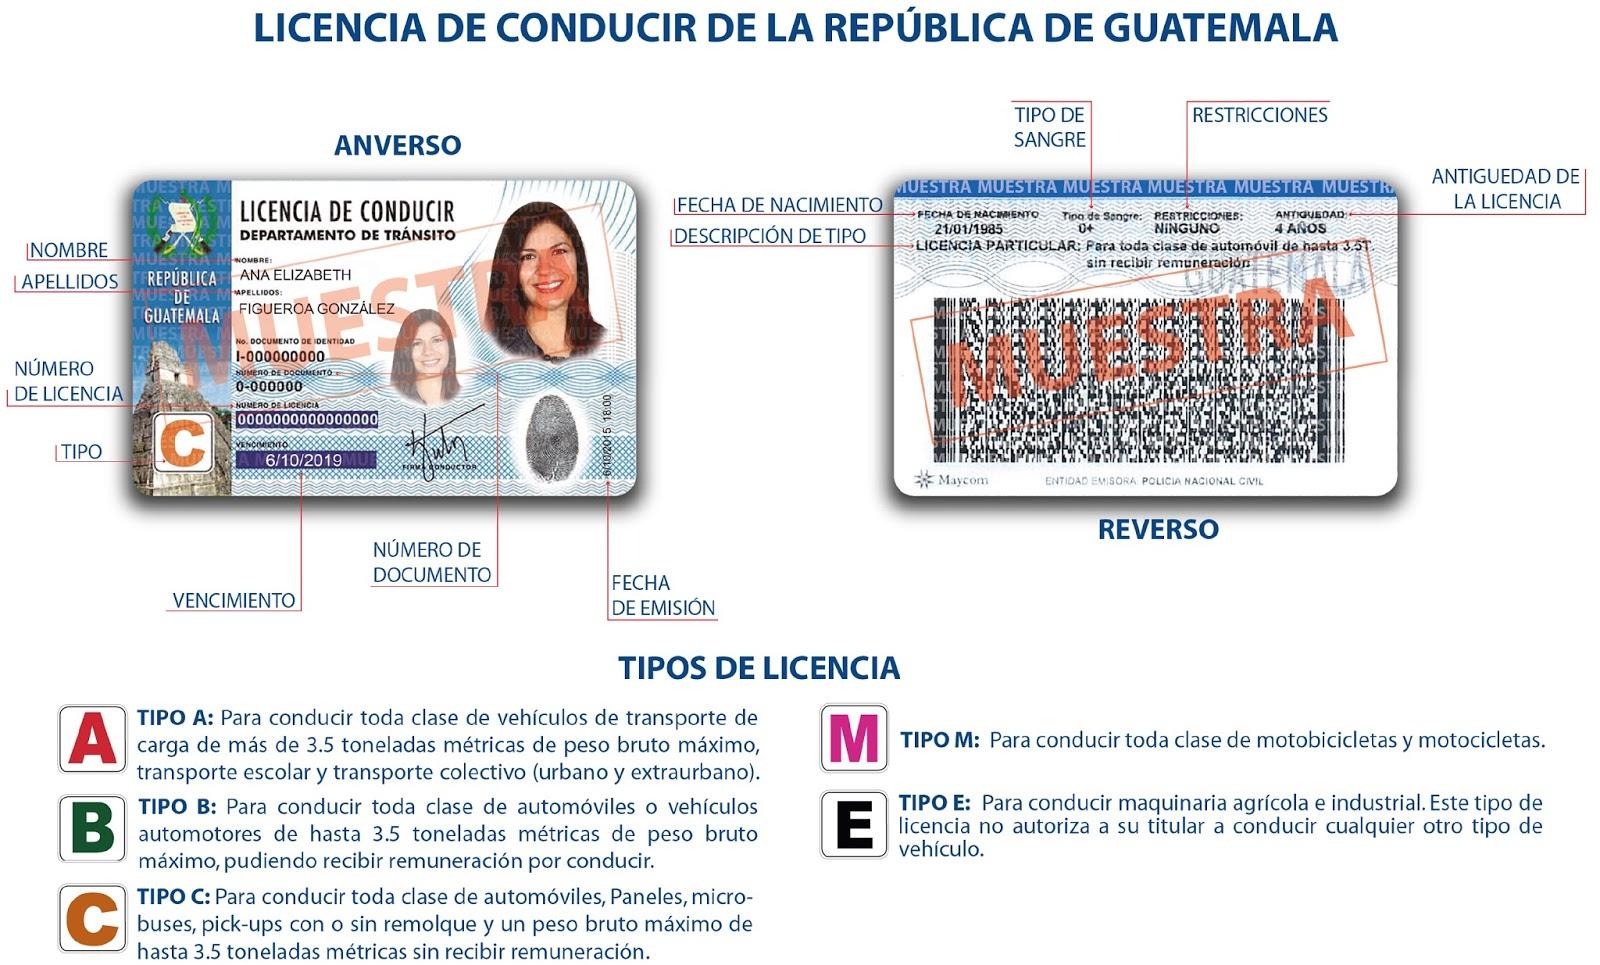 Licența șoferului Guatemala